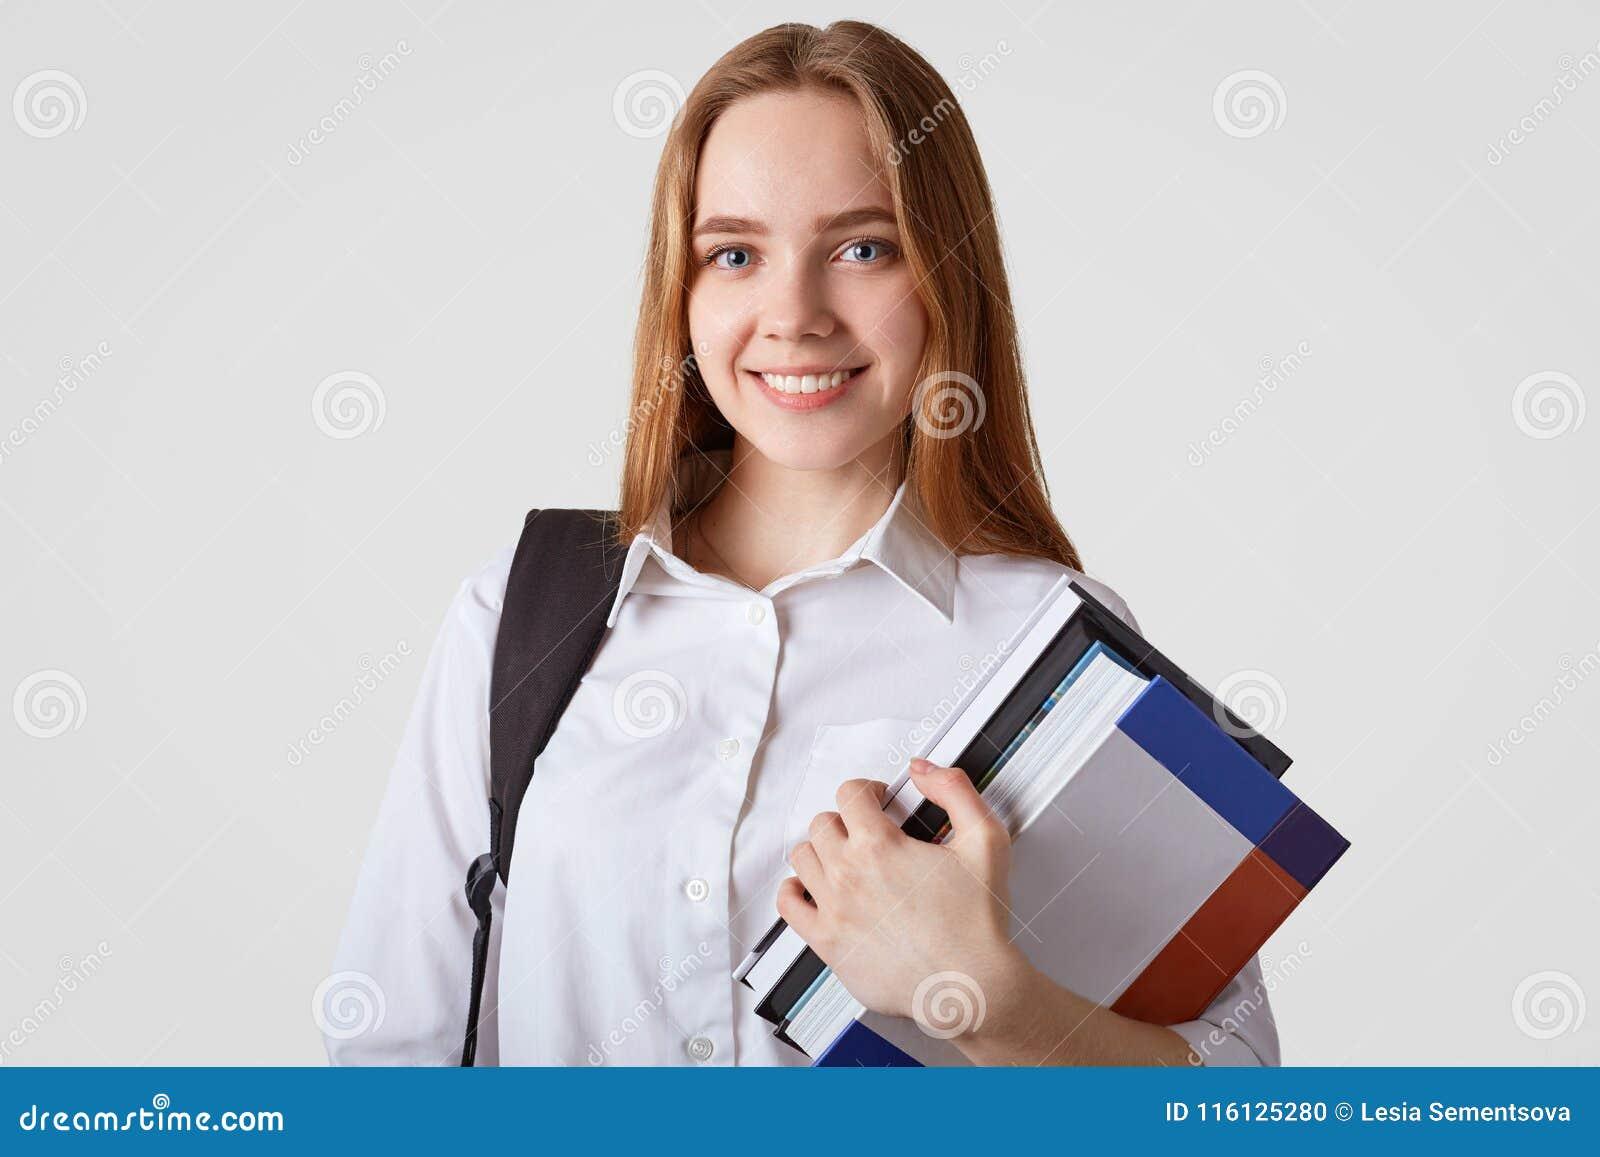 有蓝眼睛的可爱的学校女孩,光亮的微笑,穿典雅的白色衬衣,运载书,并且背包,有长的头发,准备